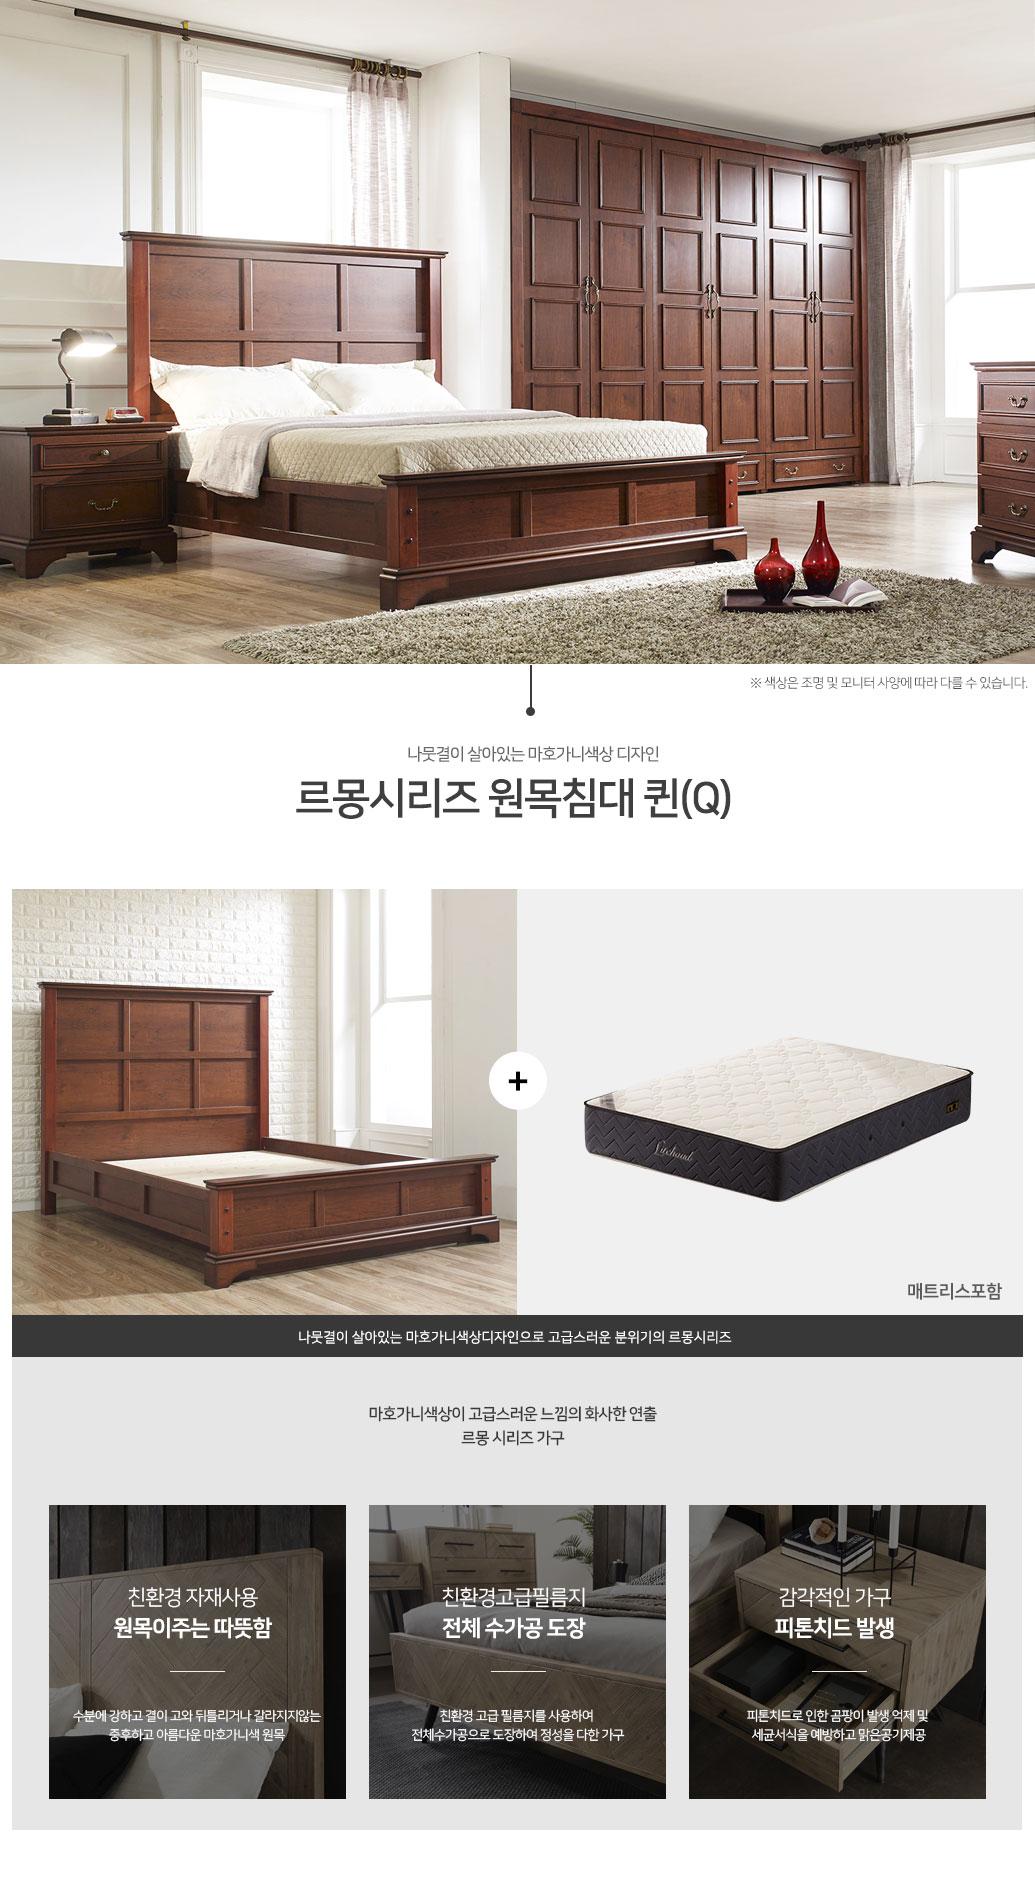 lemong_bed_01.jpg